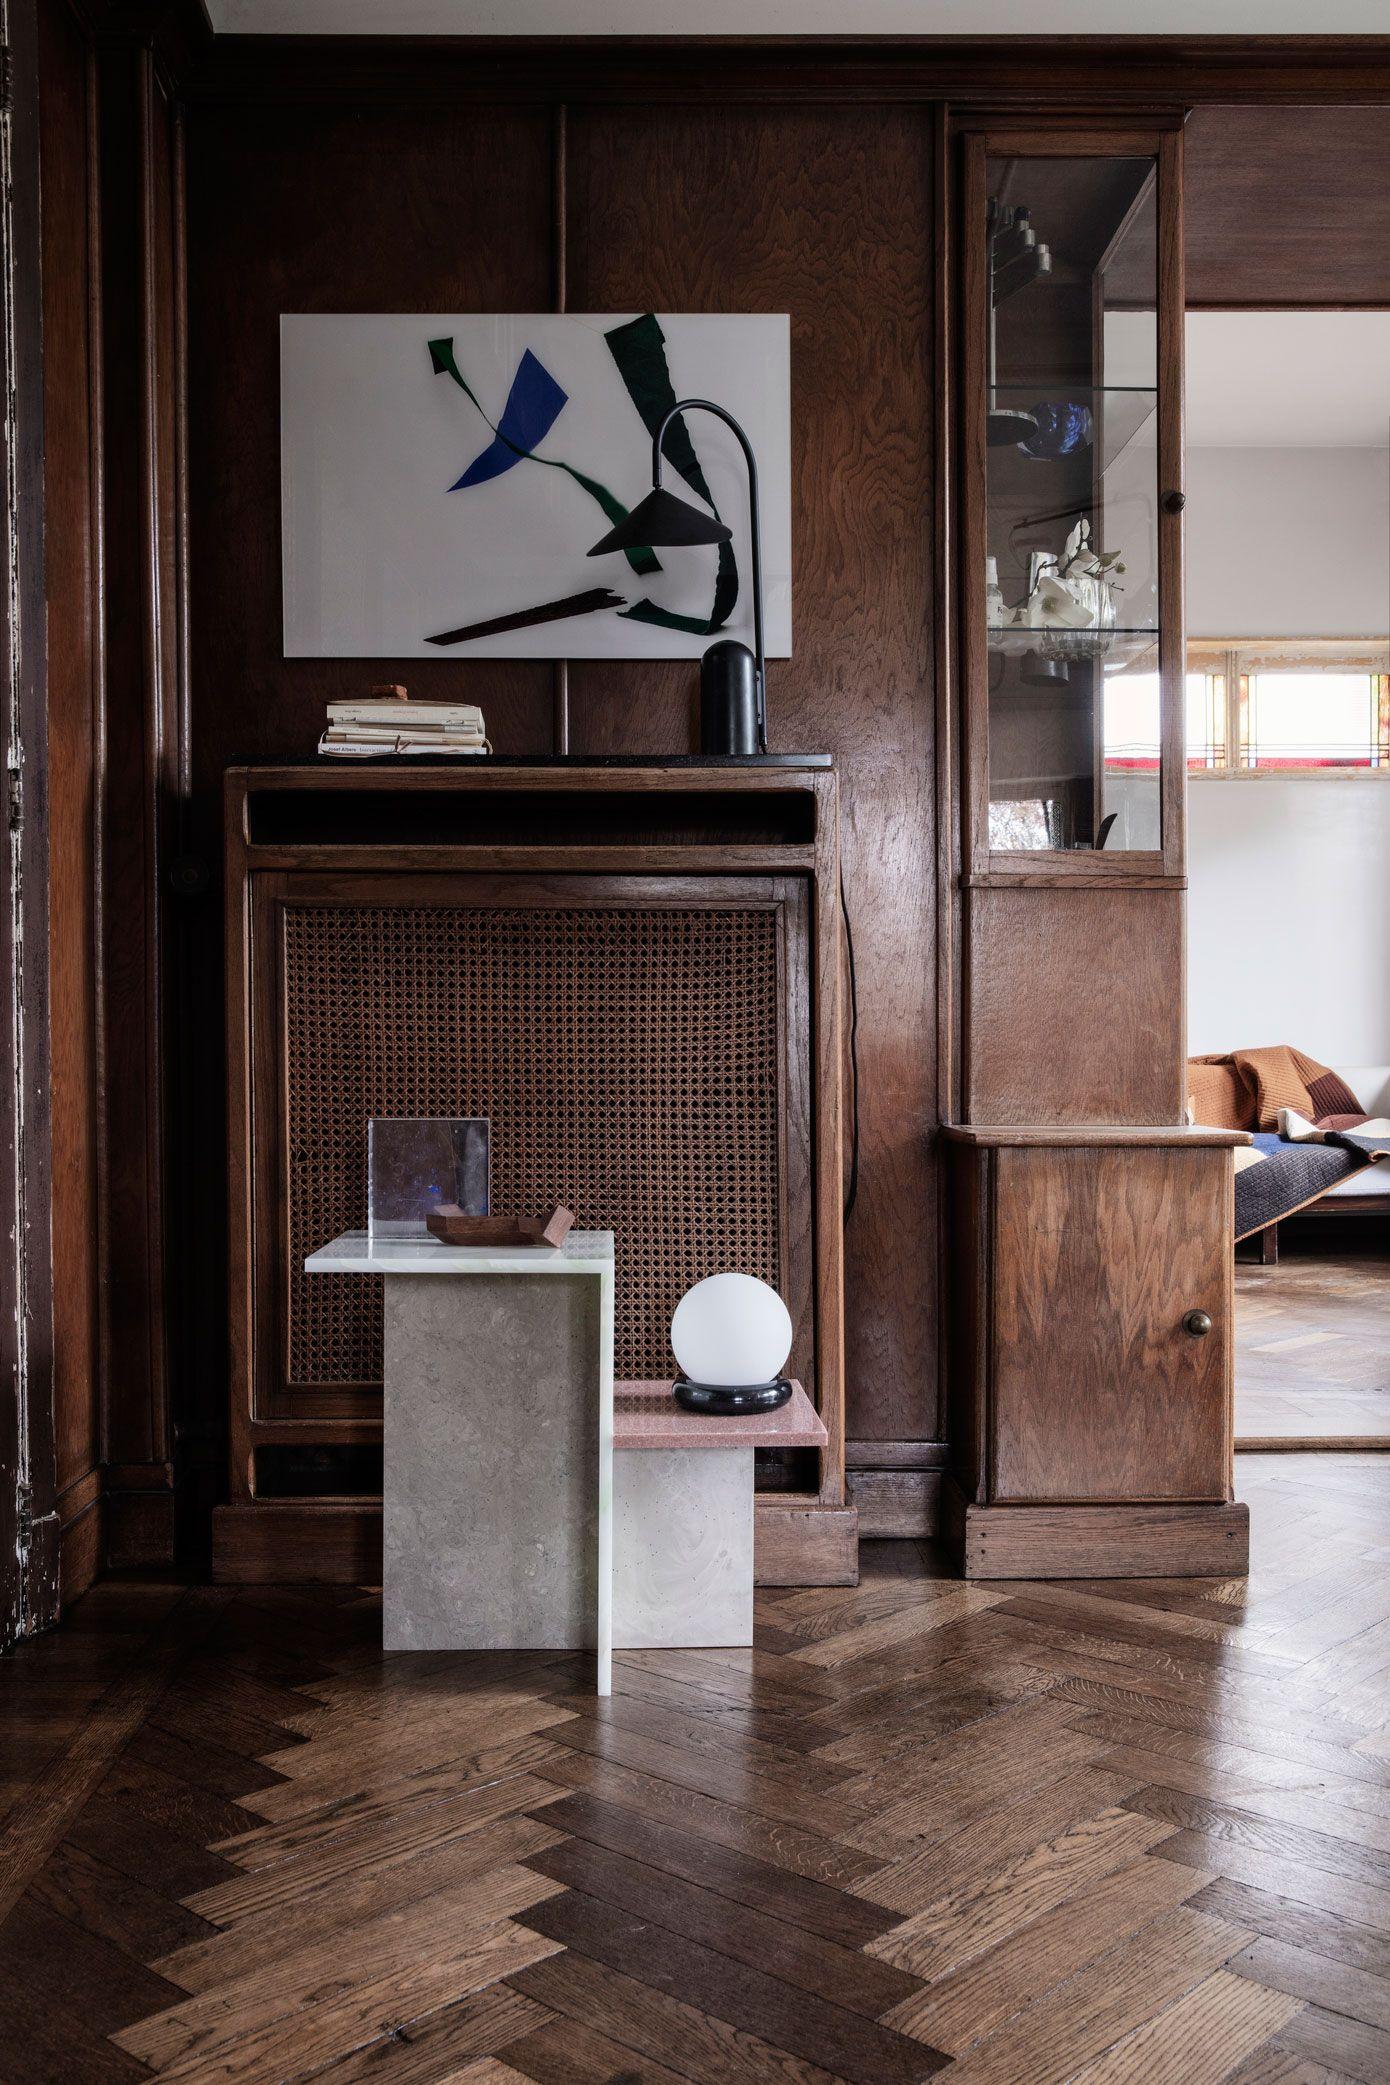 ferm LIVING SS19 Lookbook: Art-Deco Glamour Meets Scandinavian Elegance and Functionalism #artdecointerior